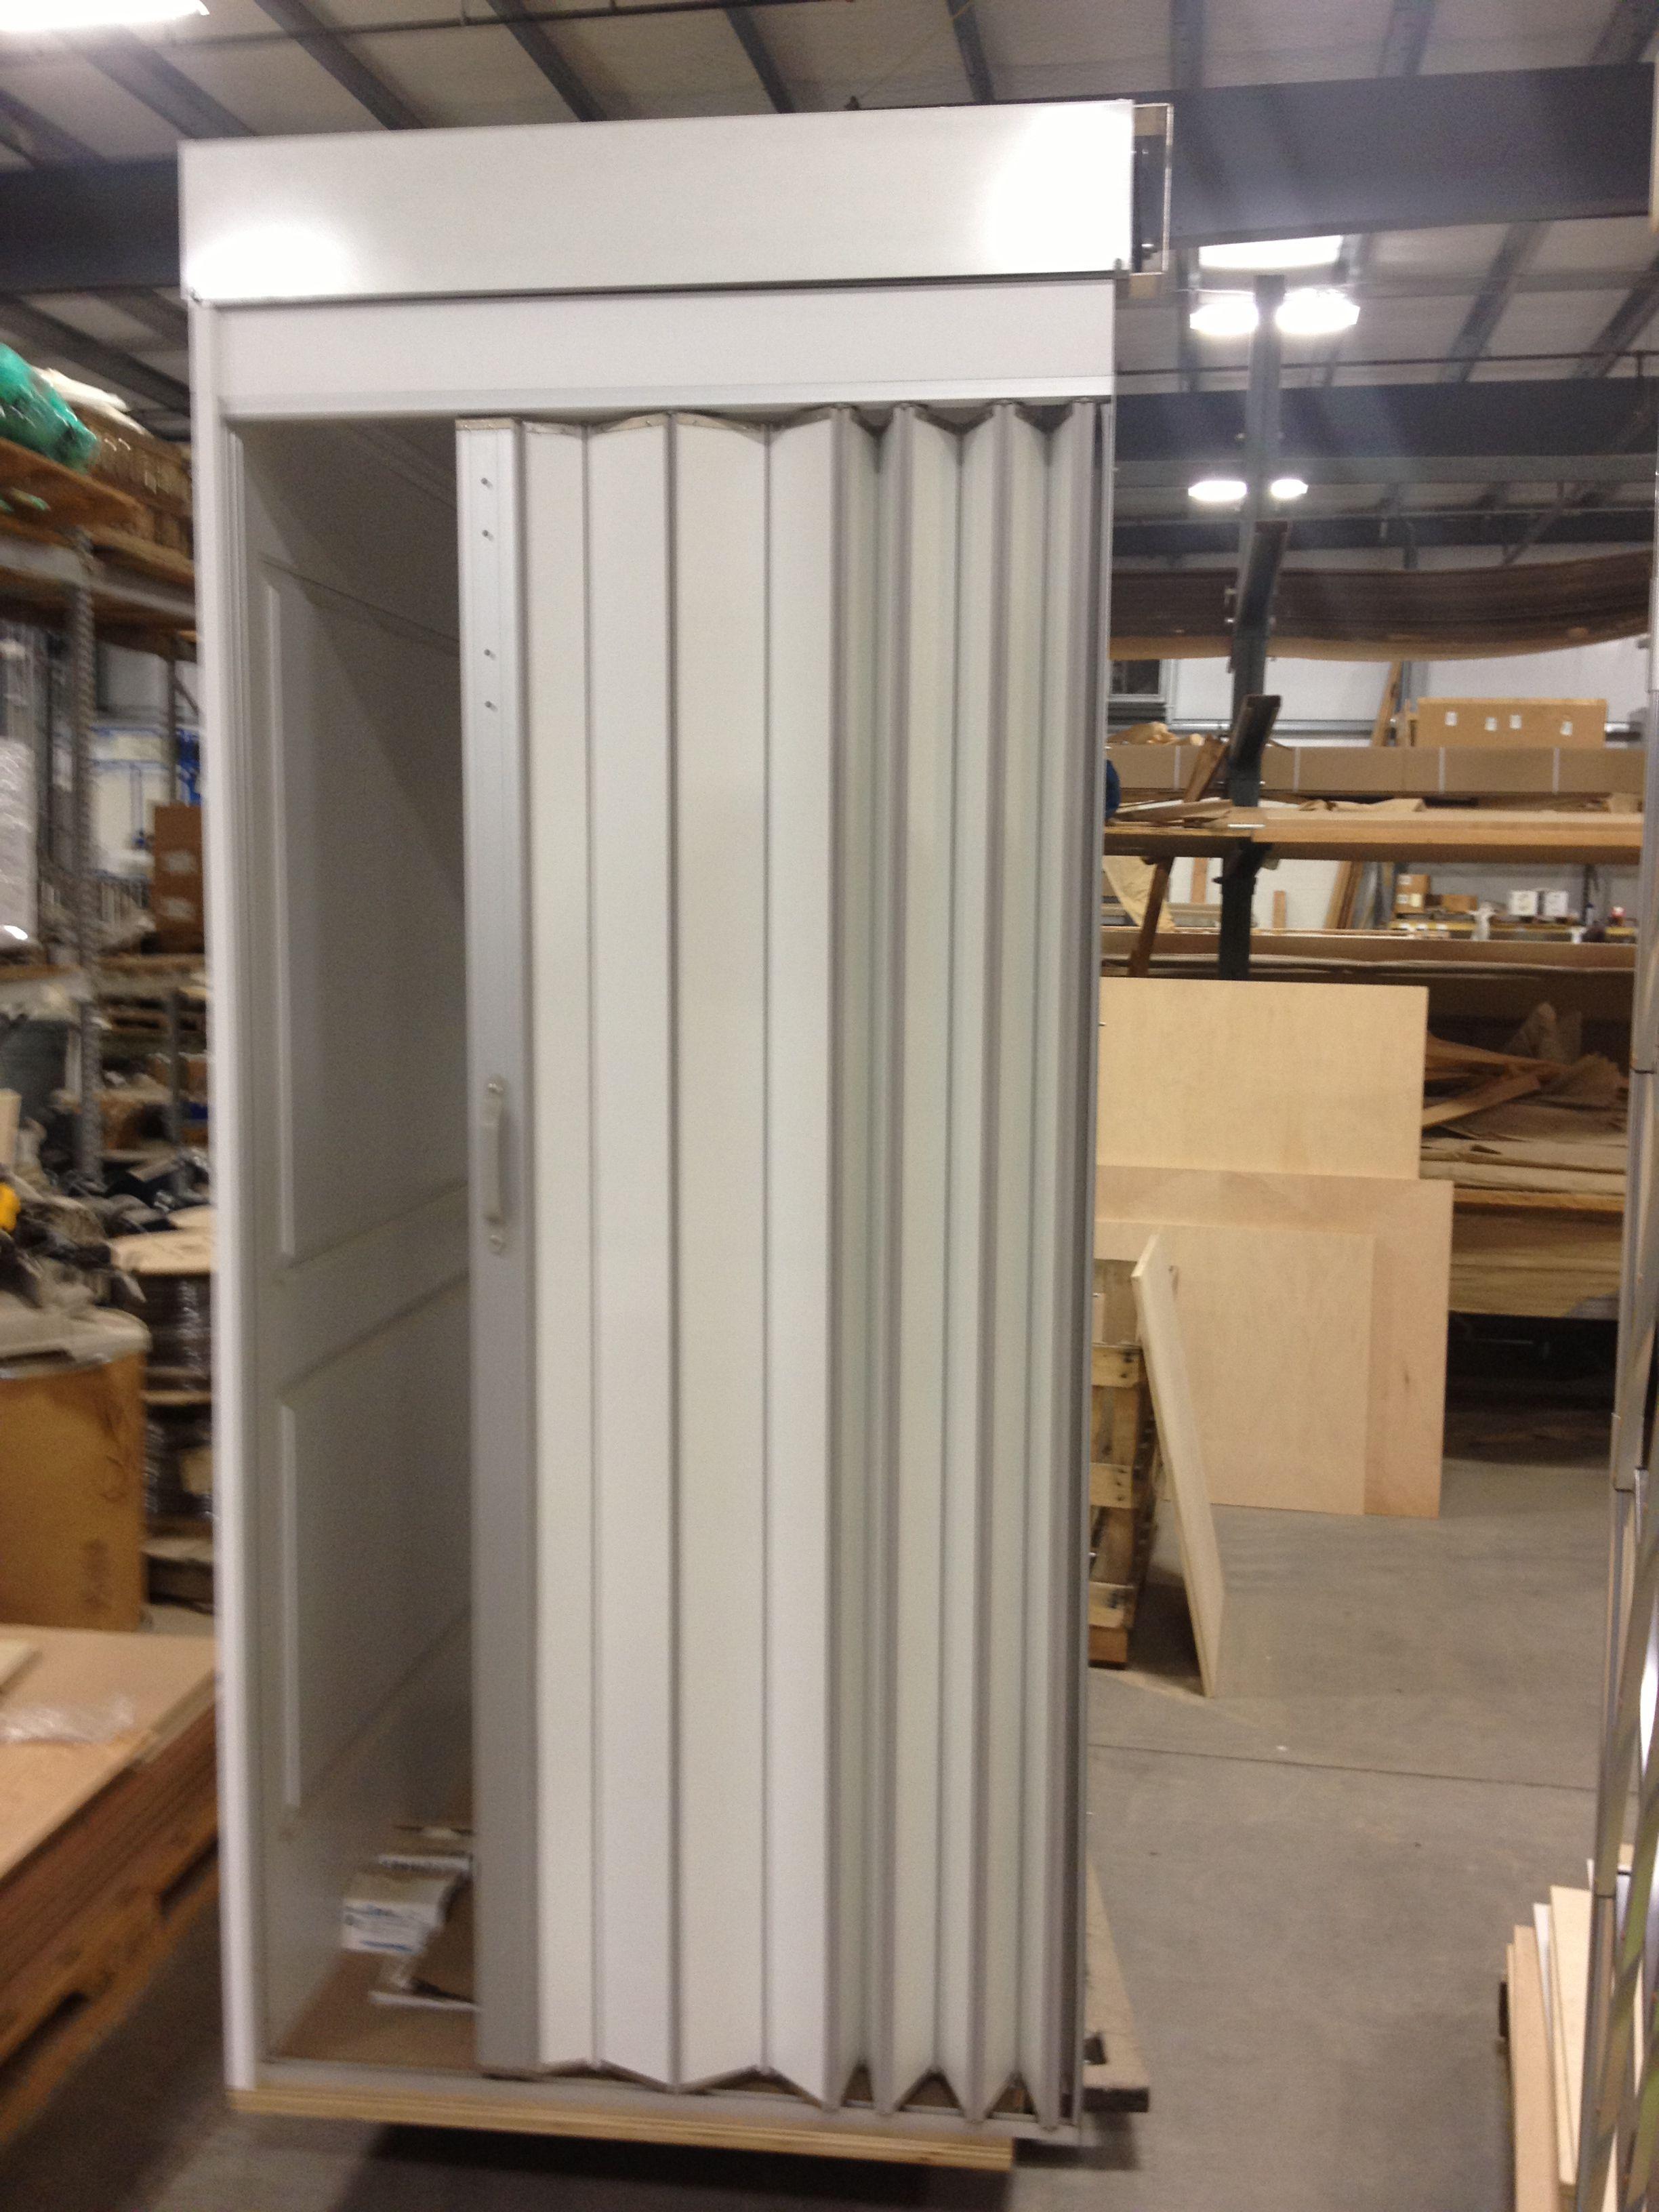 Puerta de cabina tipo acorde n vinilo blanco con aluminio for Puerta de acordeon castorama